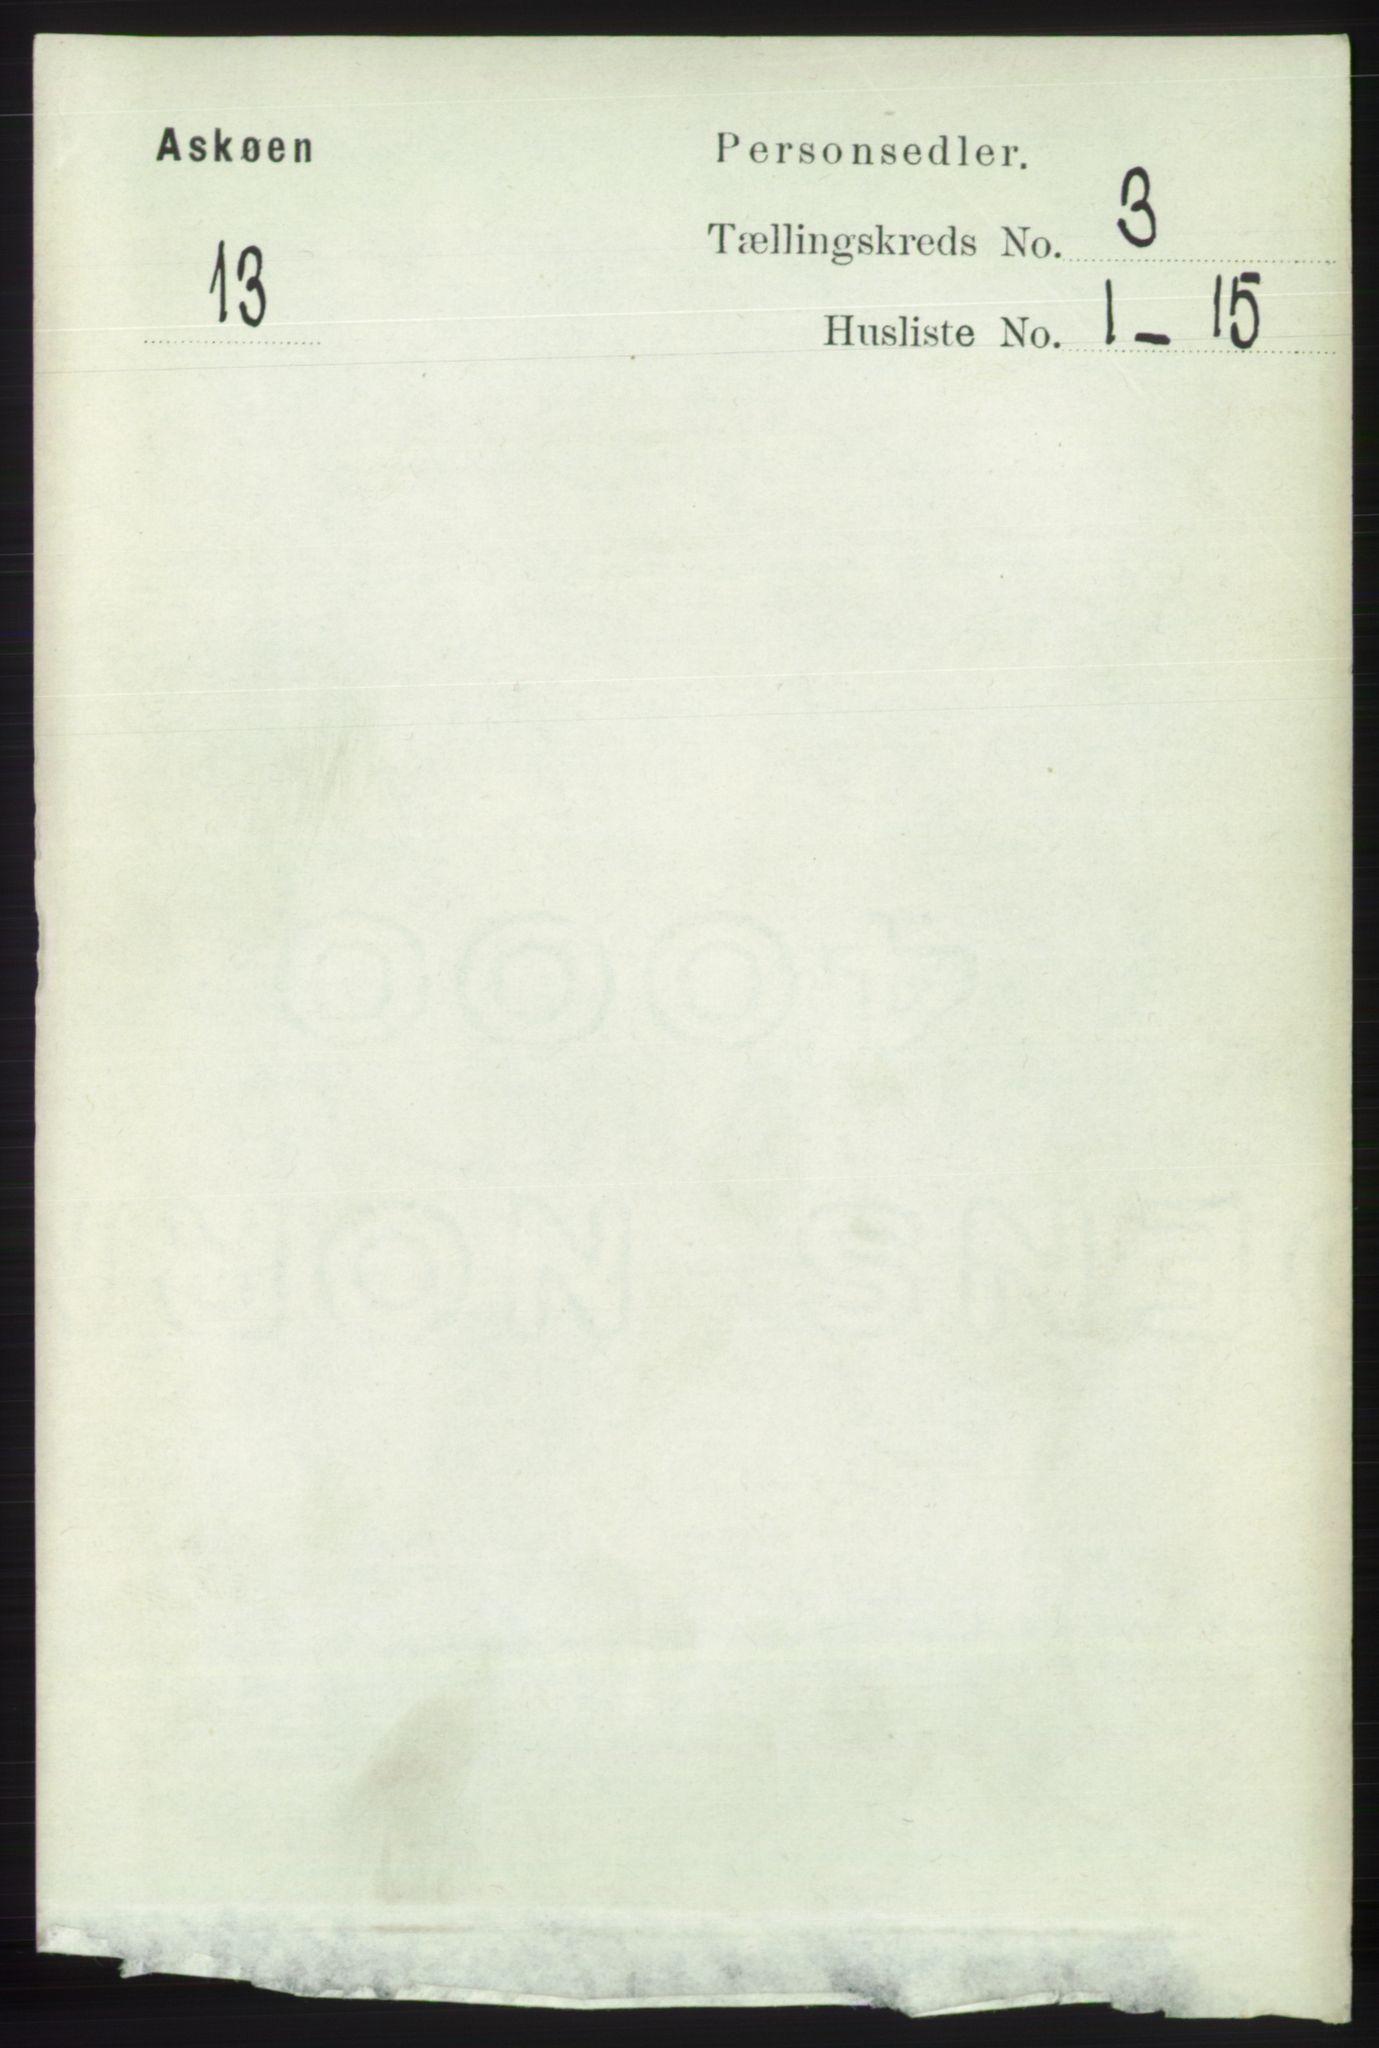 RA, Folketelling 1891 for 1247 Askøy herred, 1891, s. 1886